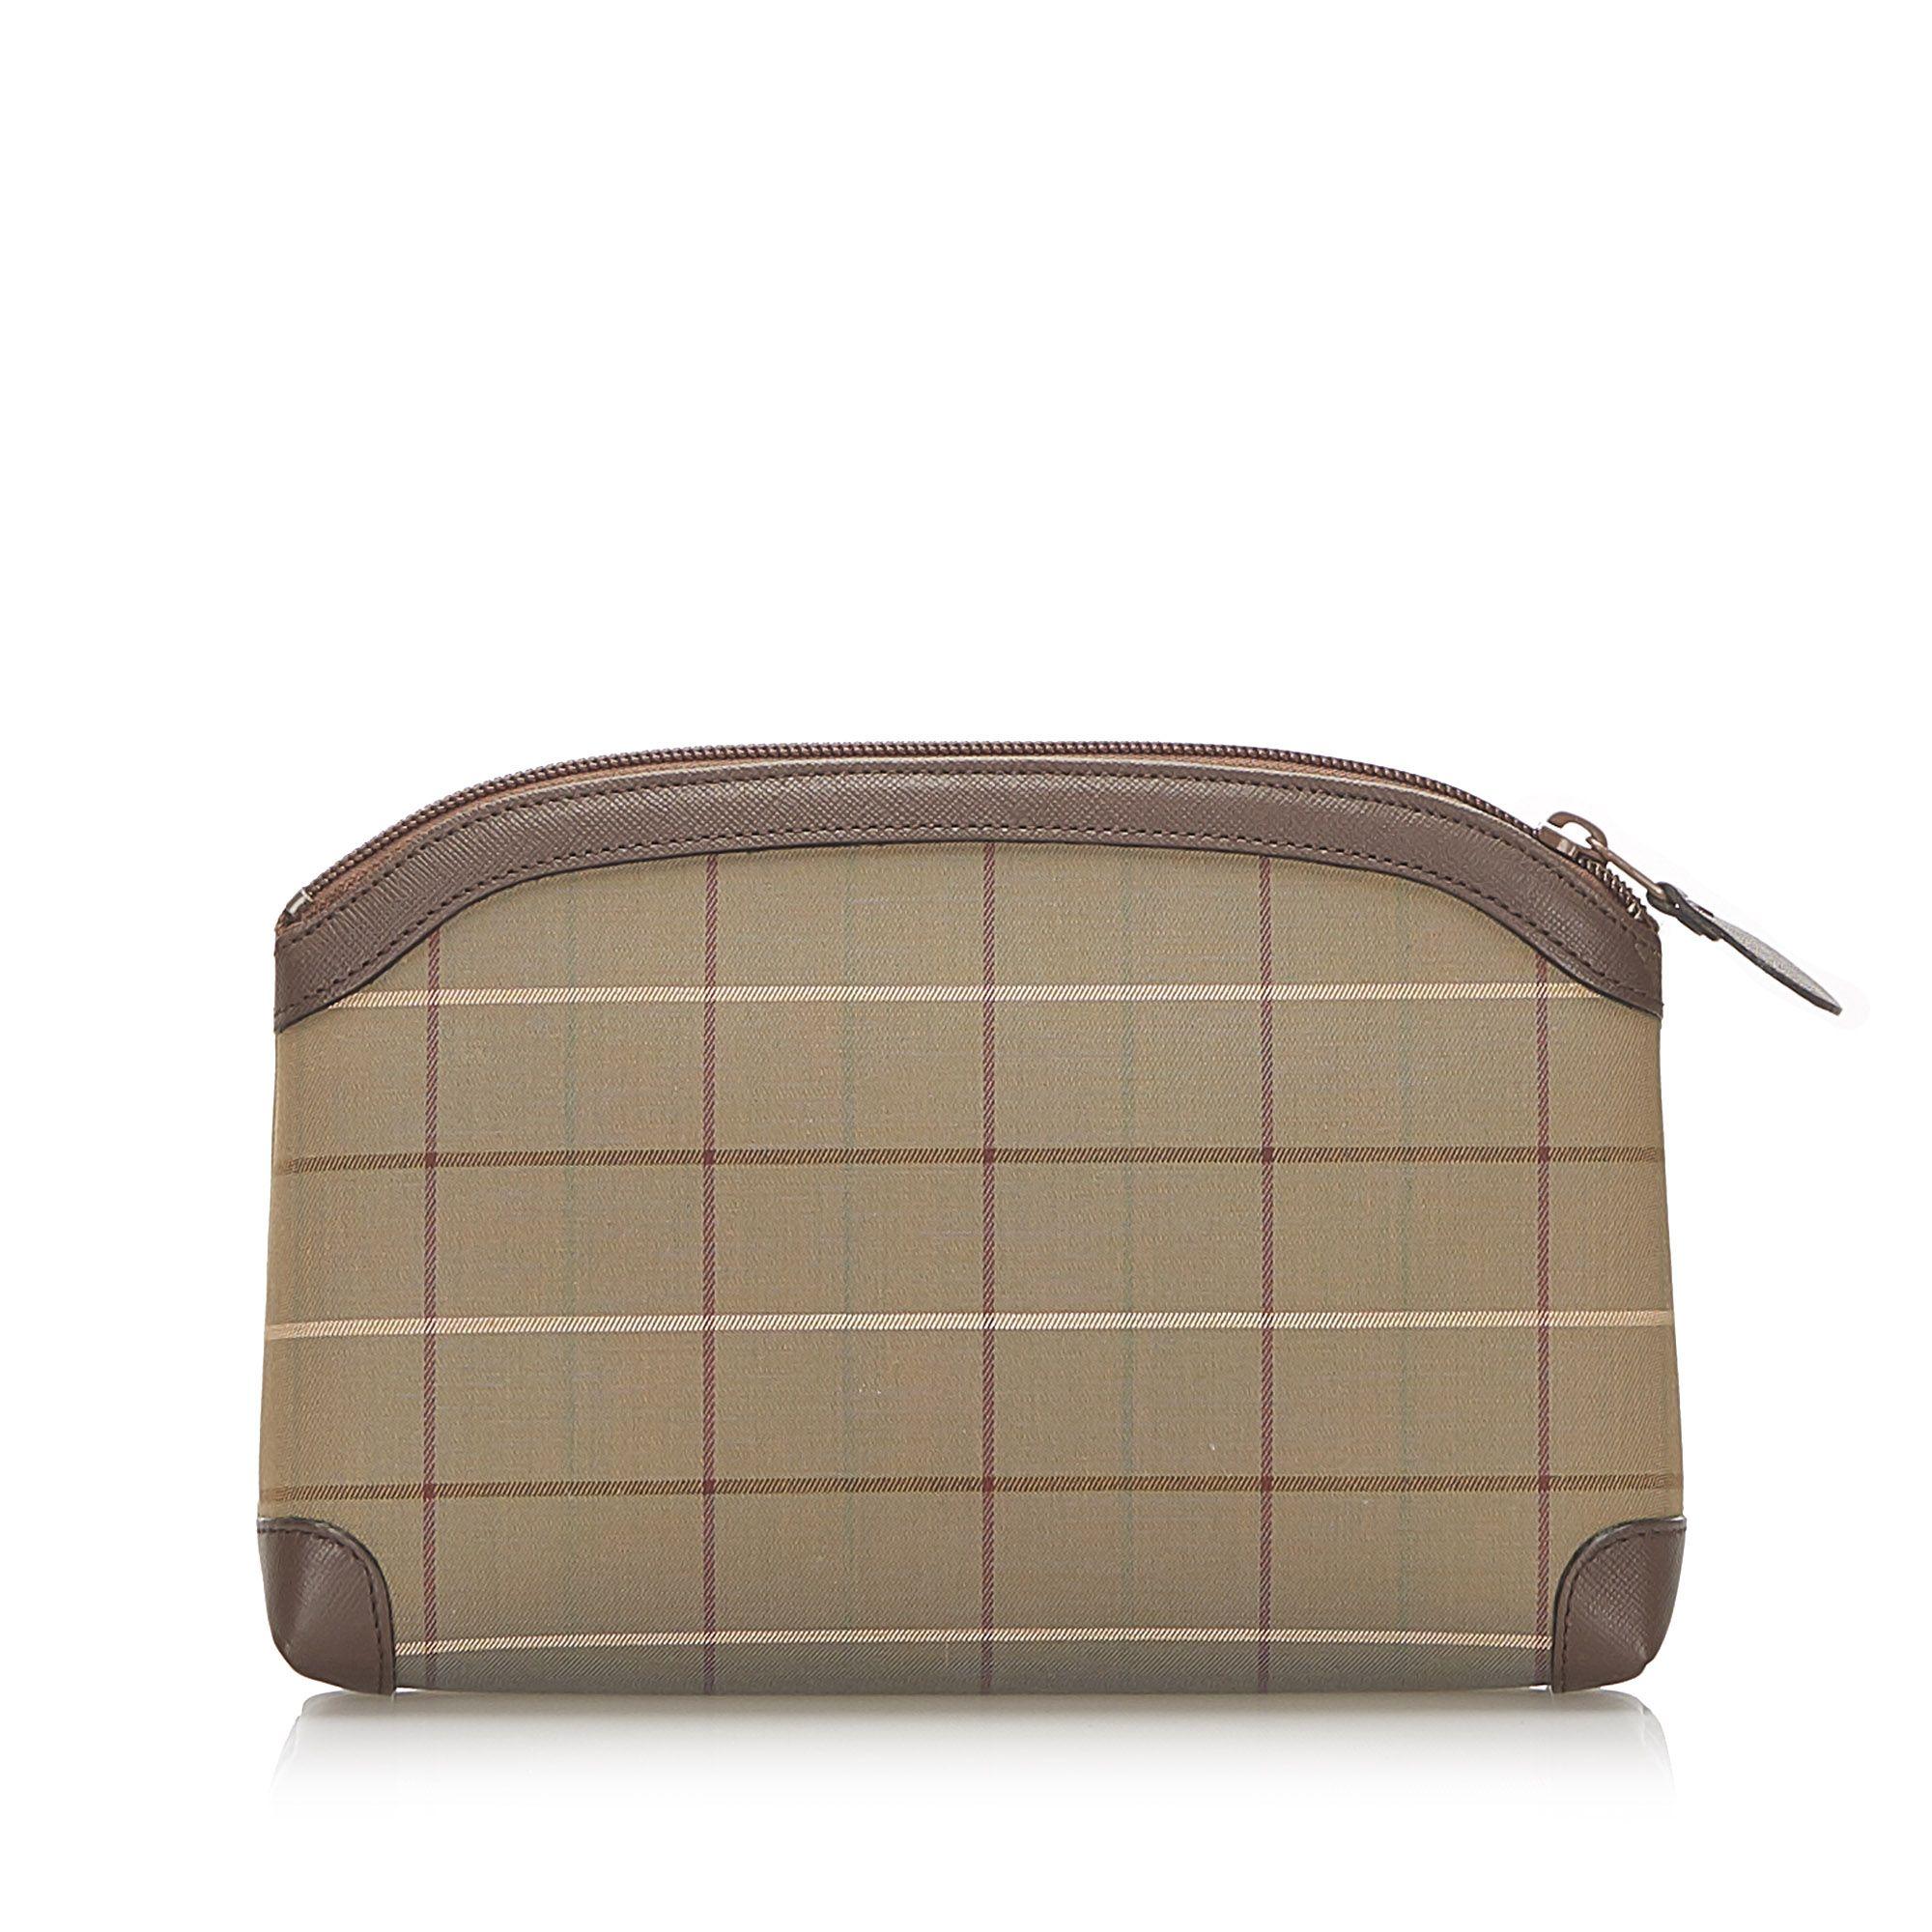 Vintage Burberry Plaid Canvas Pouch Brown